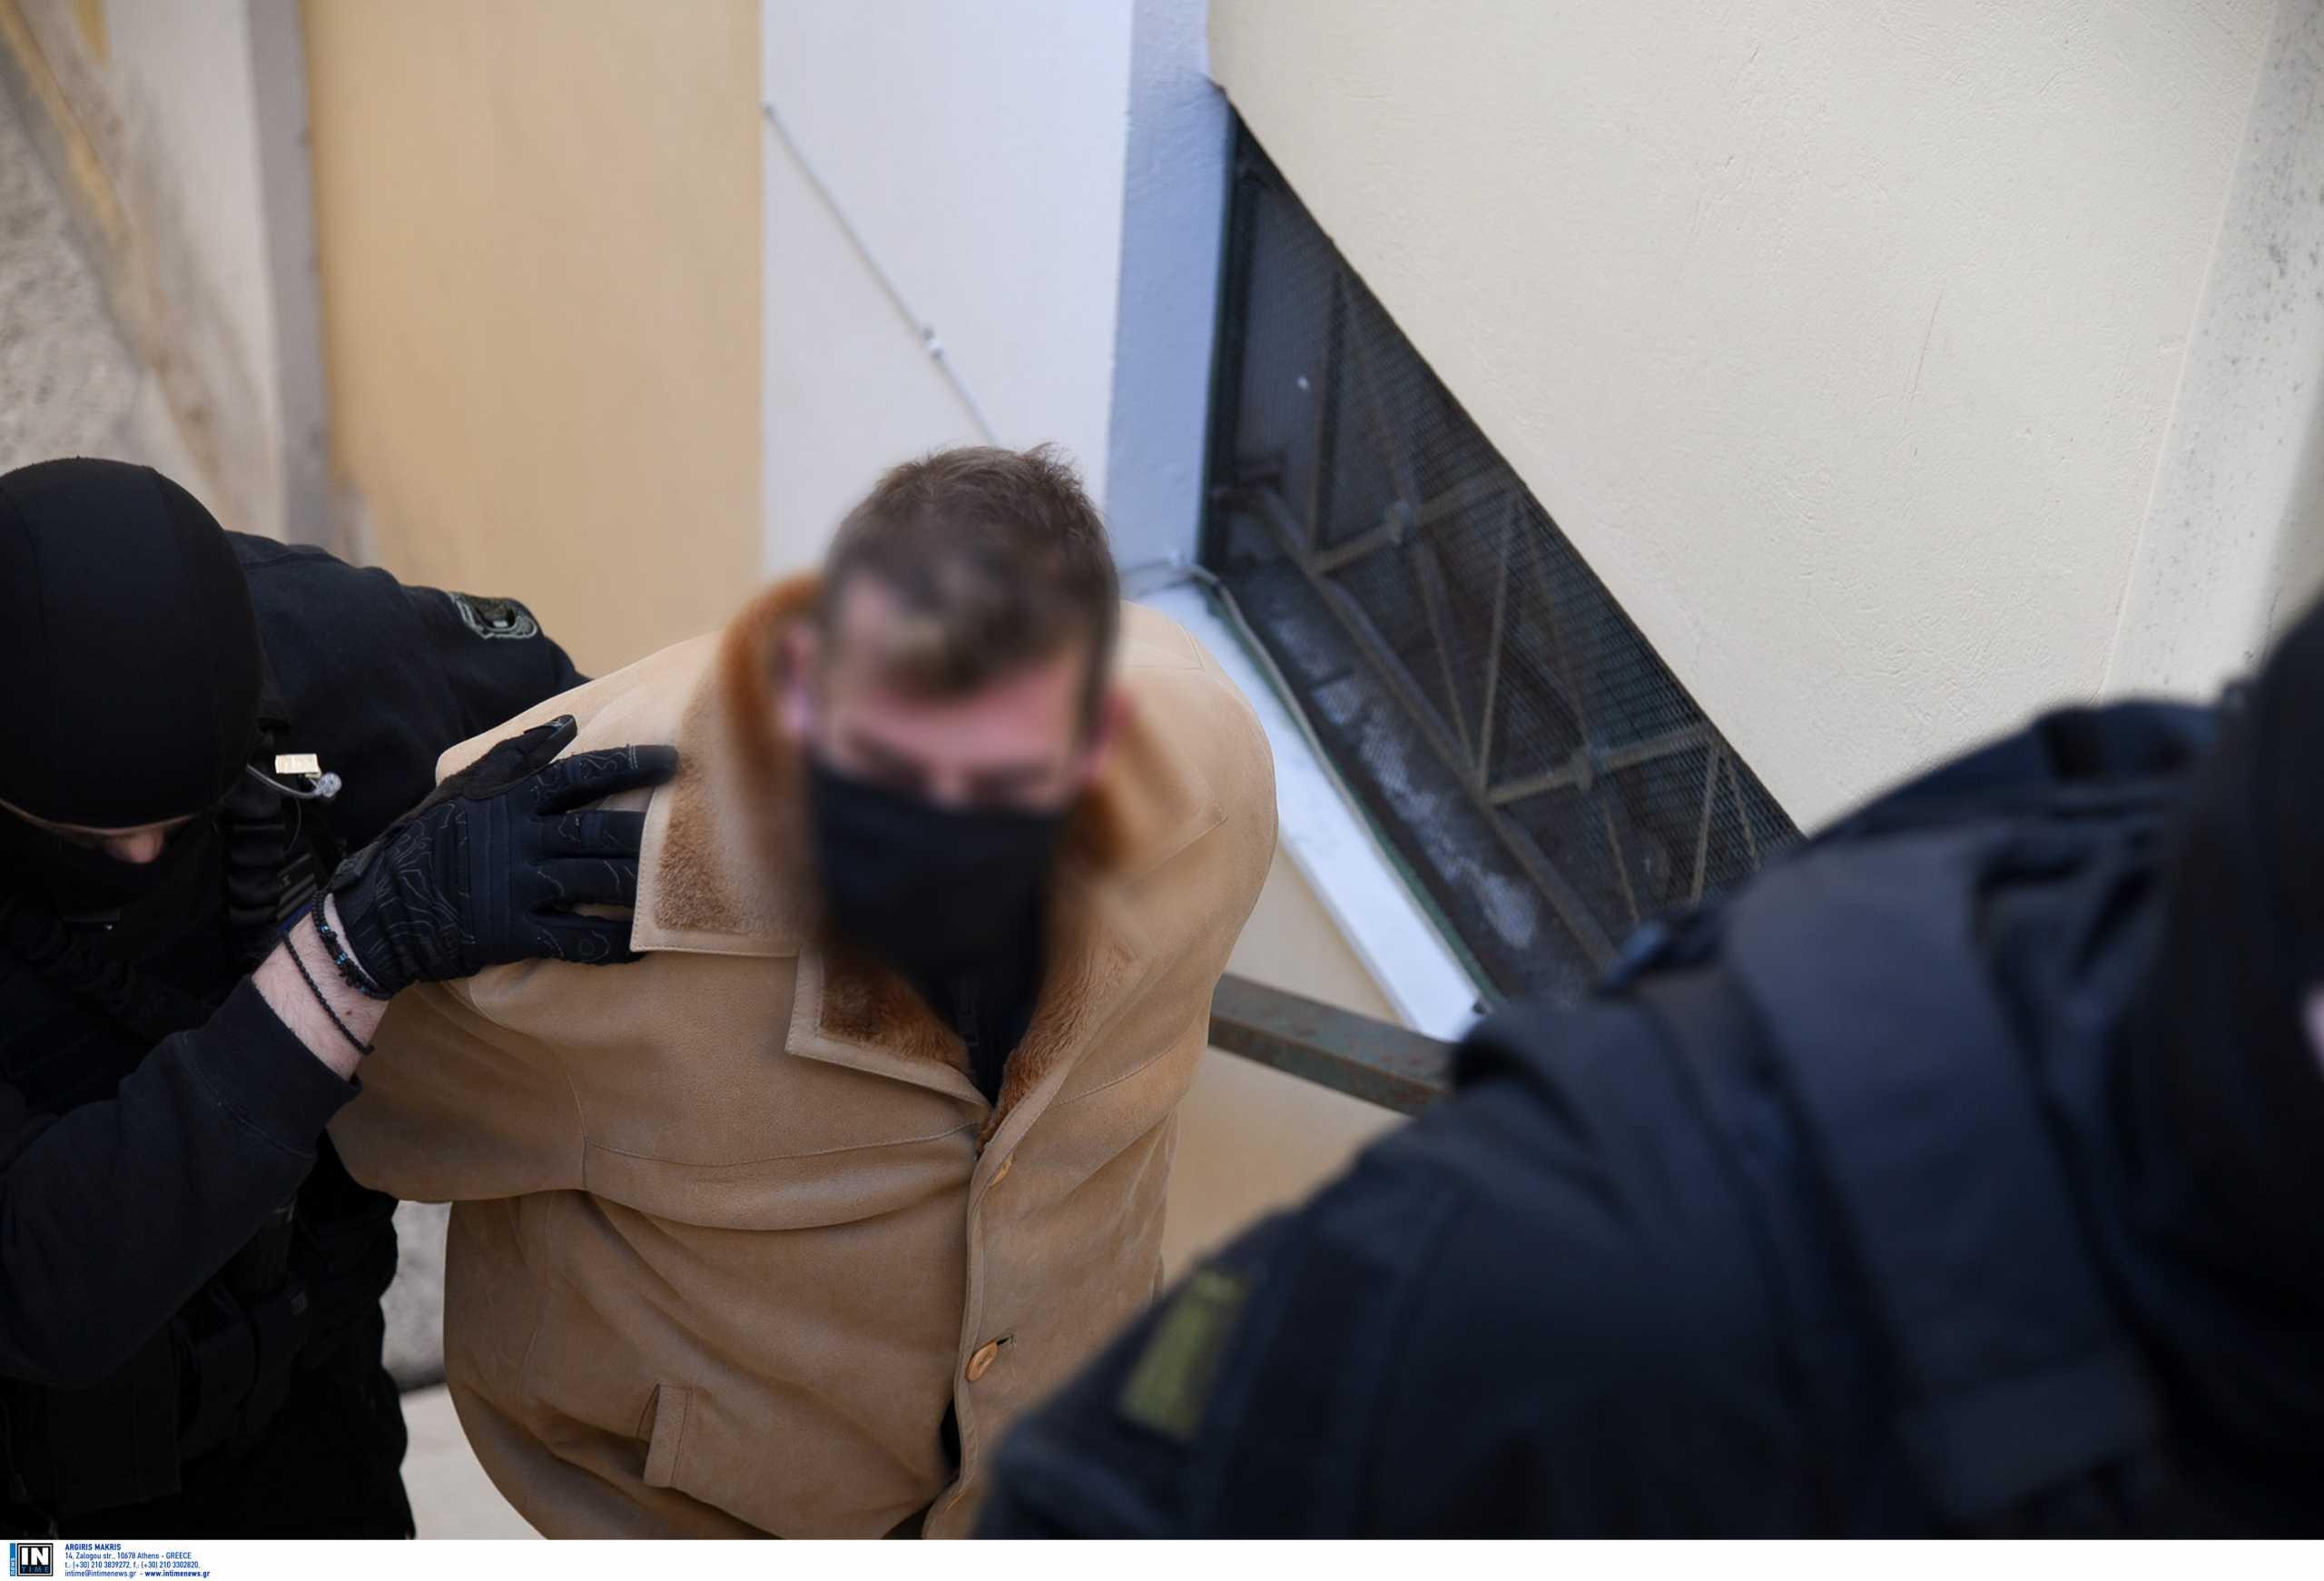 Σοκ από τις αποκαλύψεις για τον βιασμό 11χρονης από τον προπονητή της – «Αν μιλήσεις θα σε σκοτώσω»